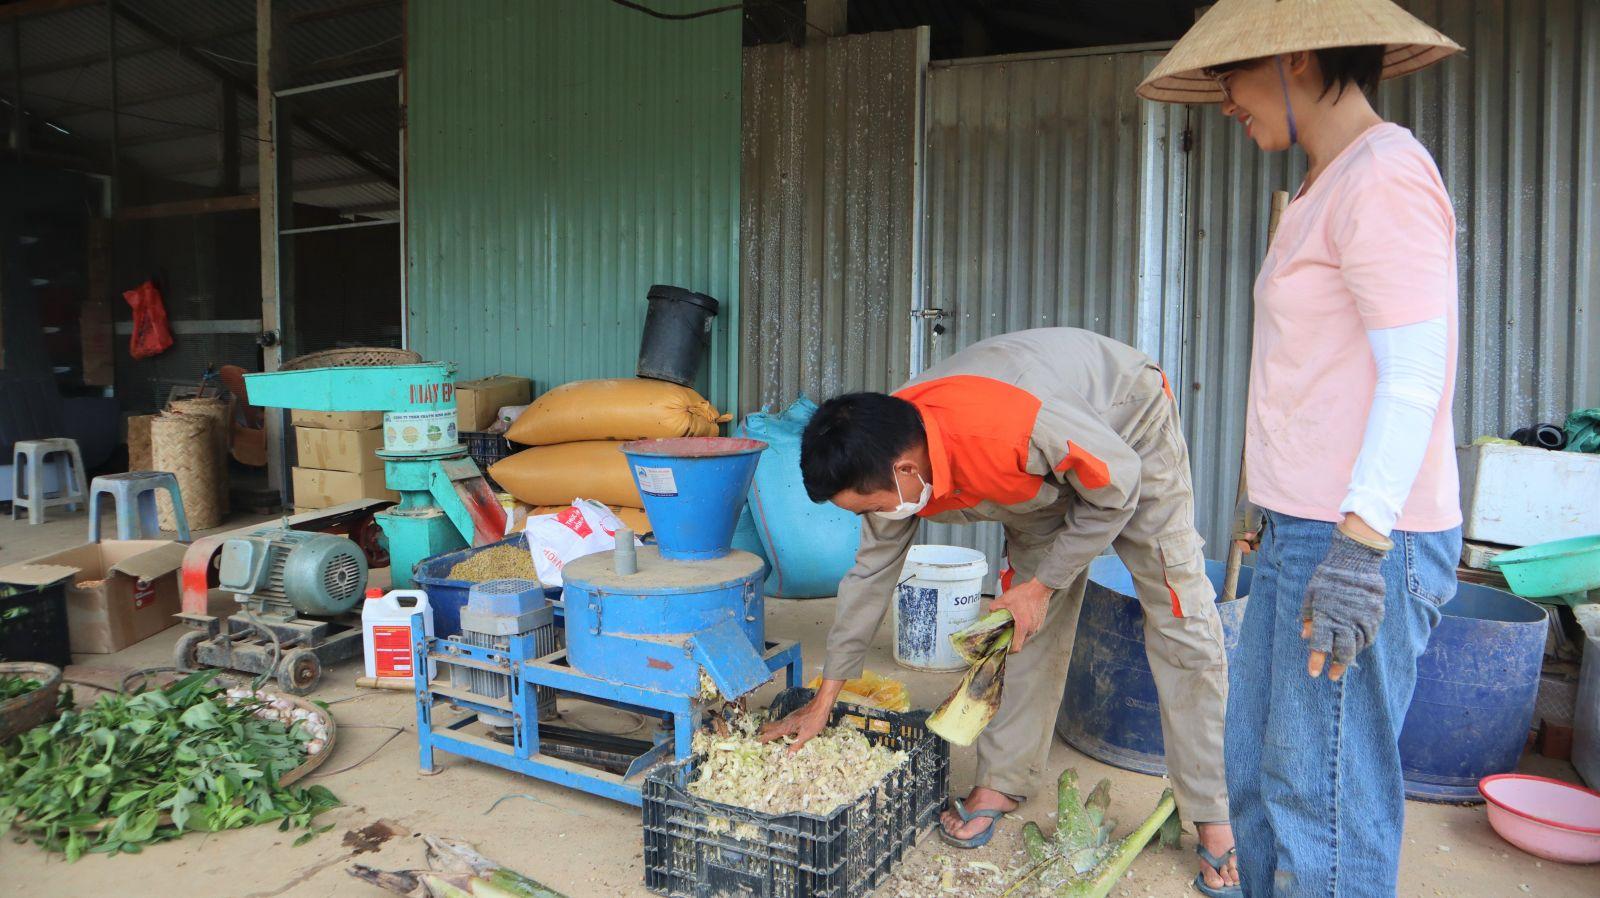 Thức ăn cho heo được thu hoạch ngay tại nông trại: cây chuối, lá chè, bắp… và mang đi xay liền để đảm bảo độ tươi ngon và giữ trọn được hàm lượng dinh dưỡng.